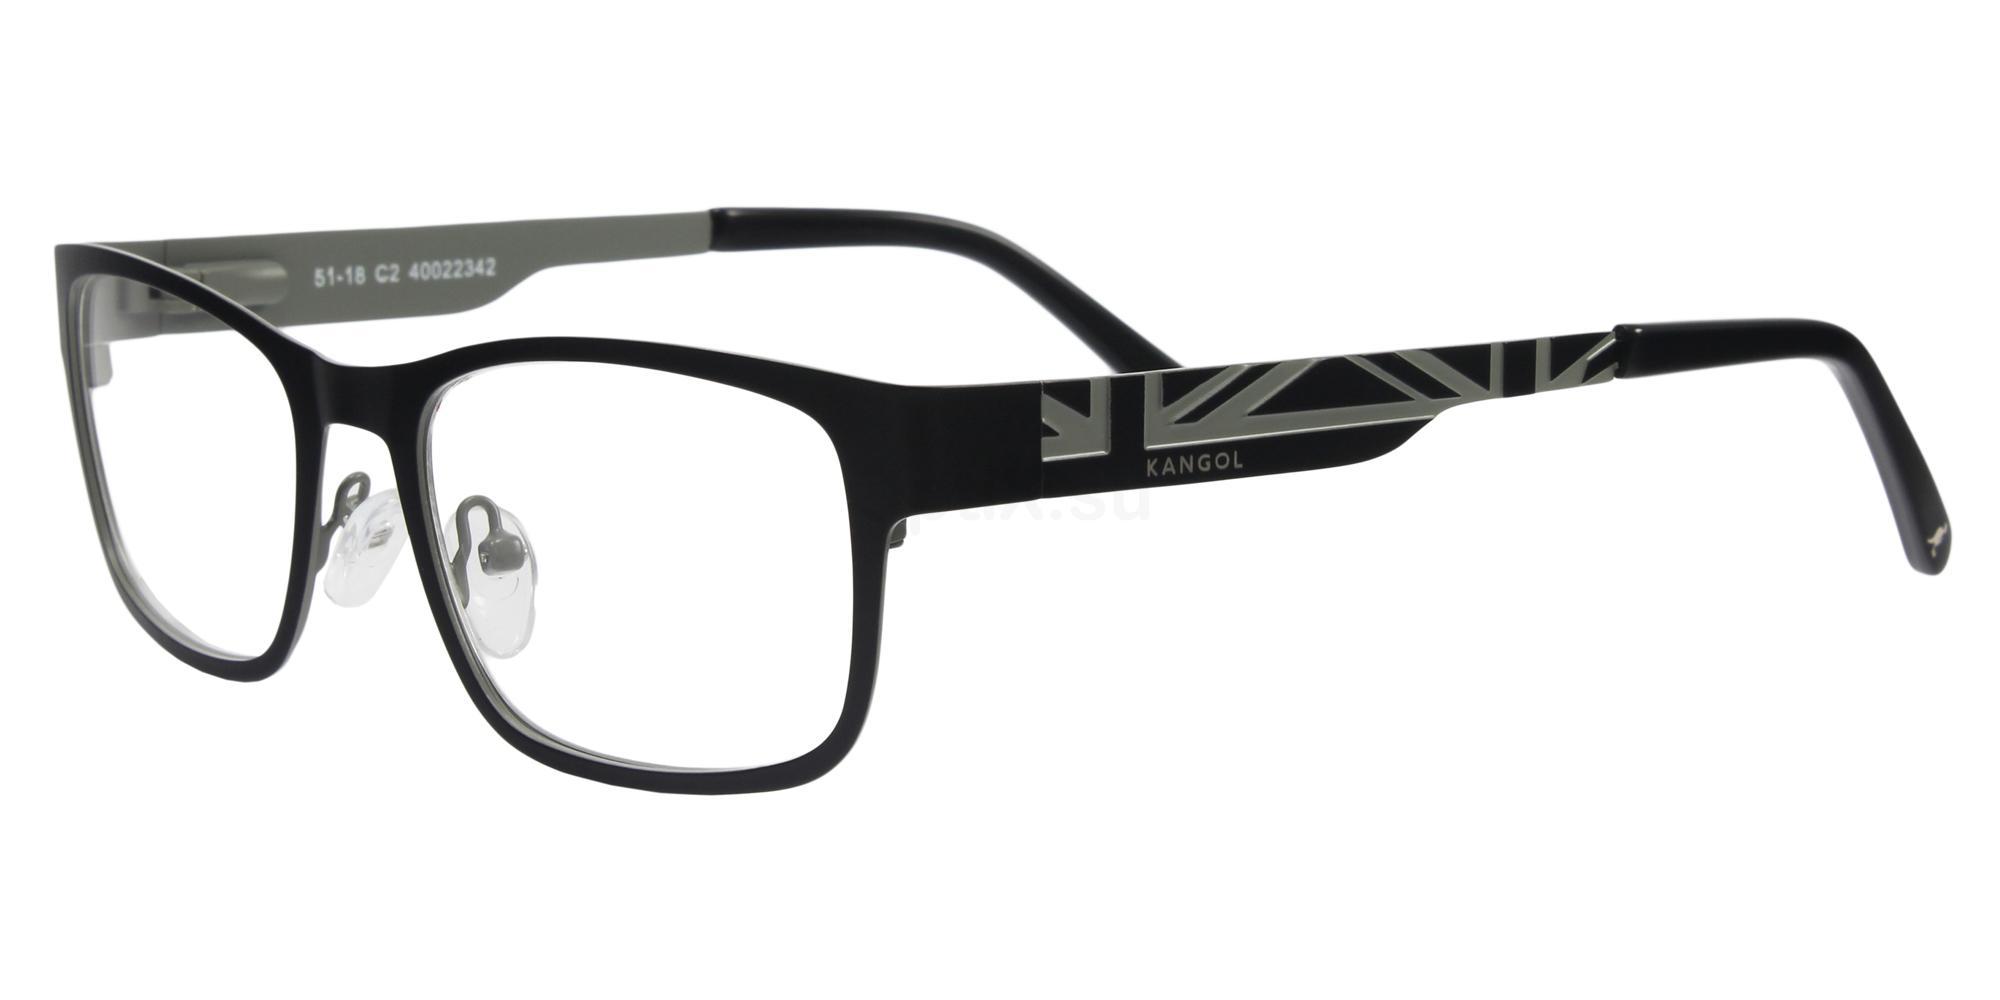 C2 238 Glasses, Kangol